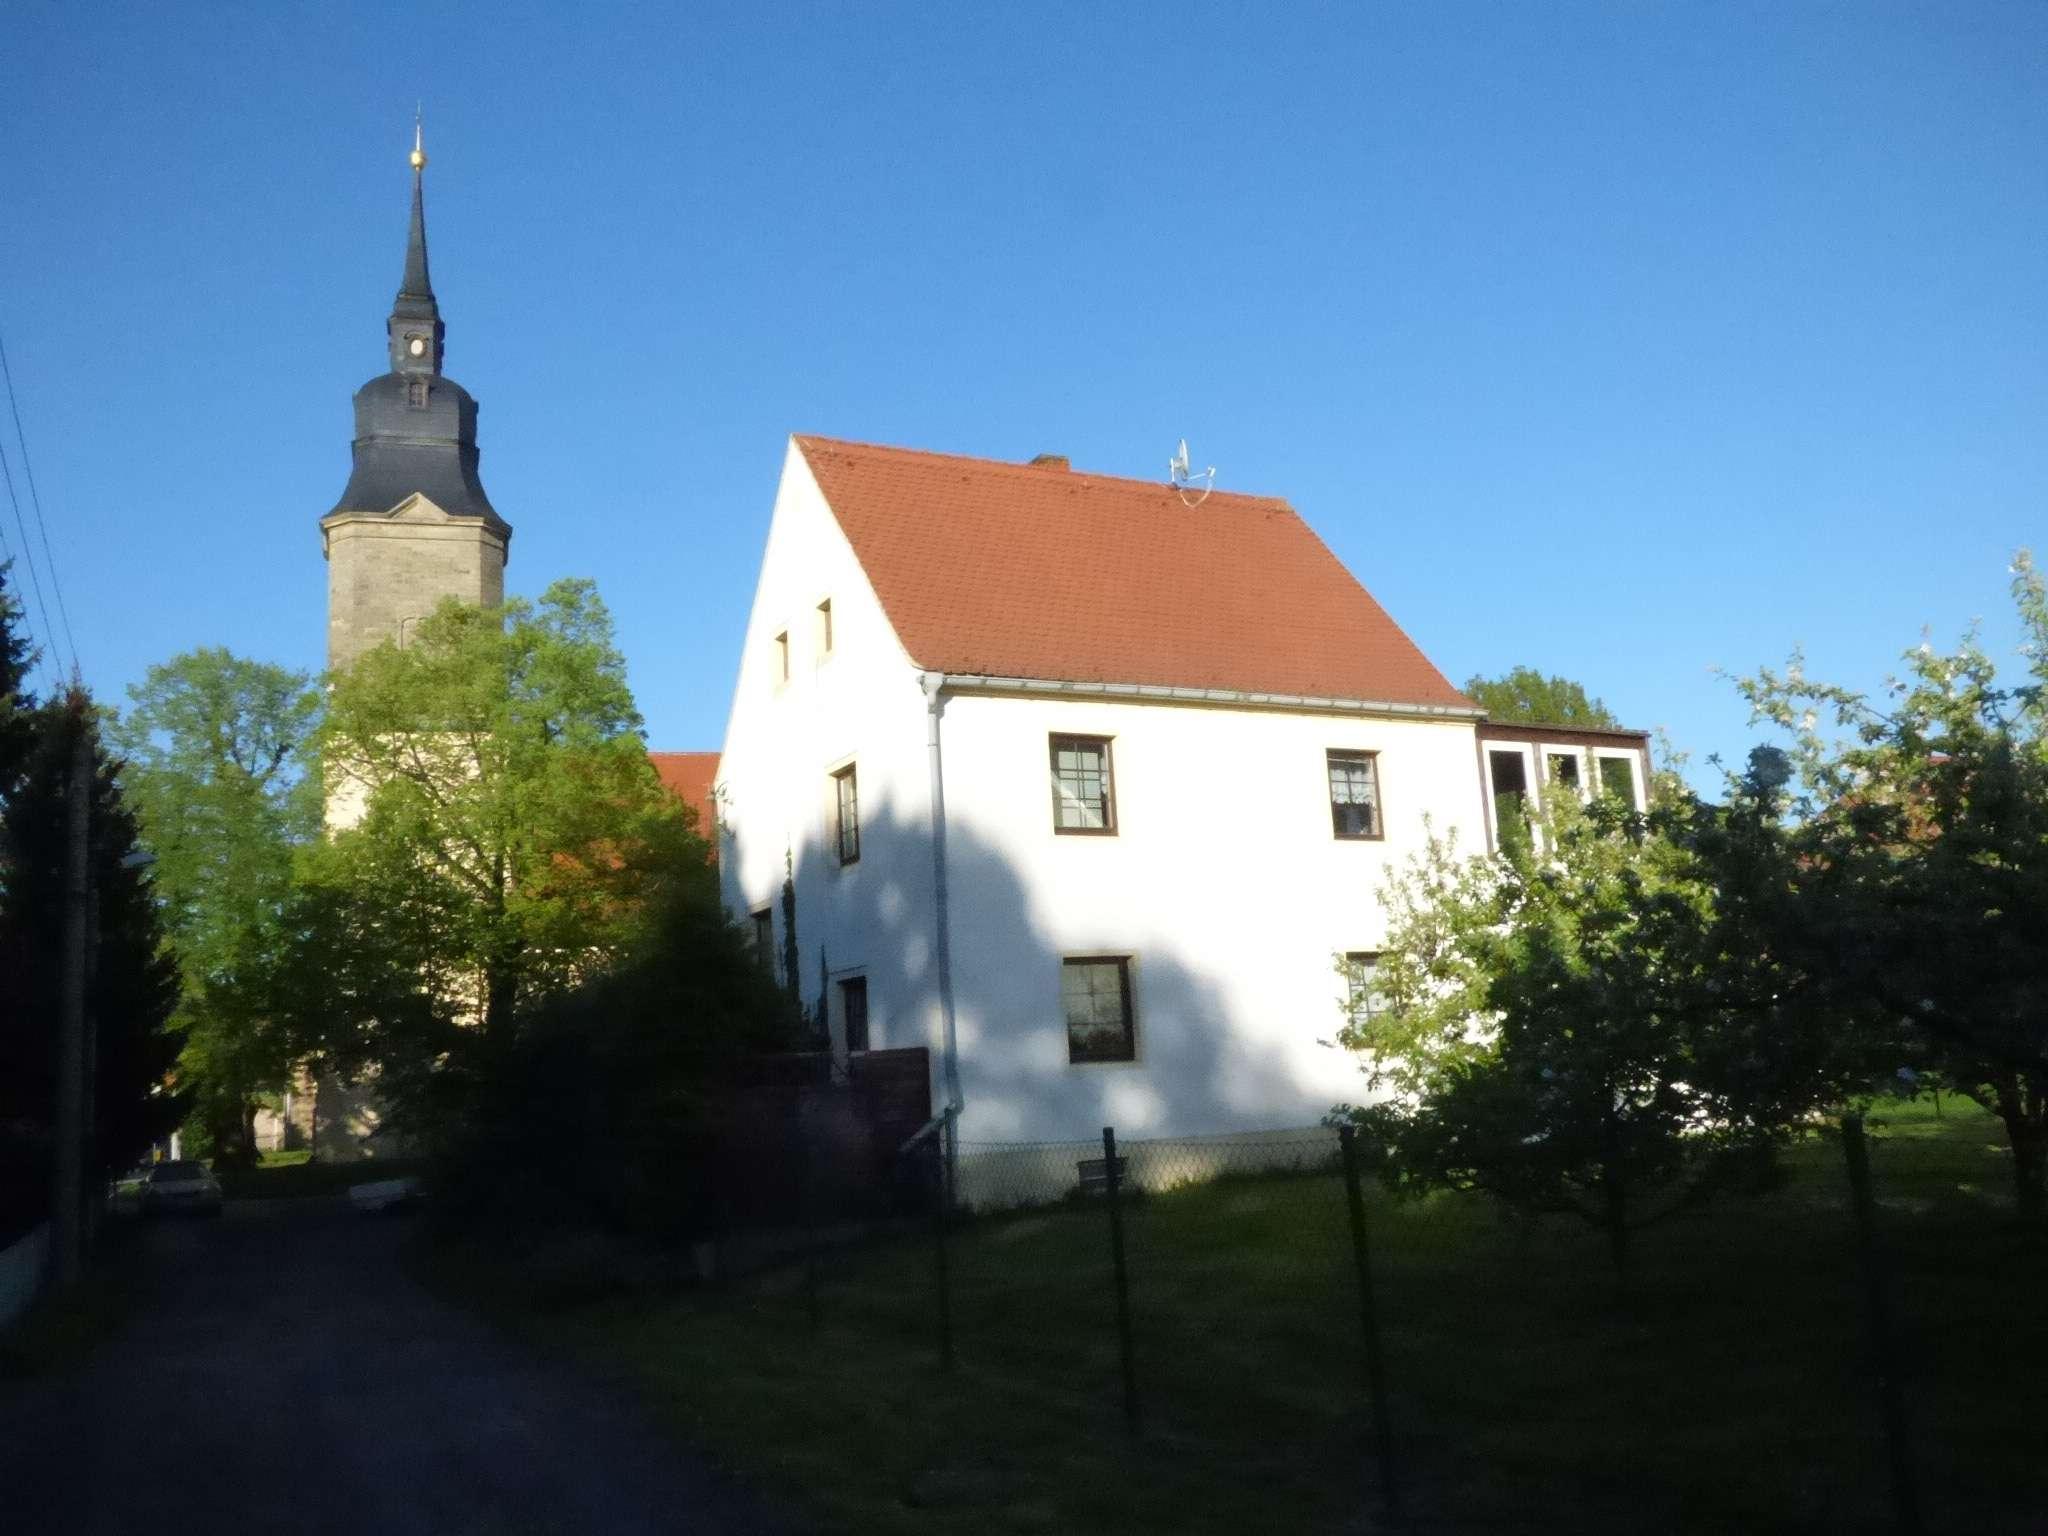 Riesa – Jahnishausen, charmantes Anwesen in traumhafter Lage - Haus zum Kauf in Riesa